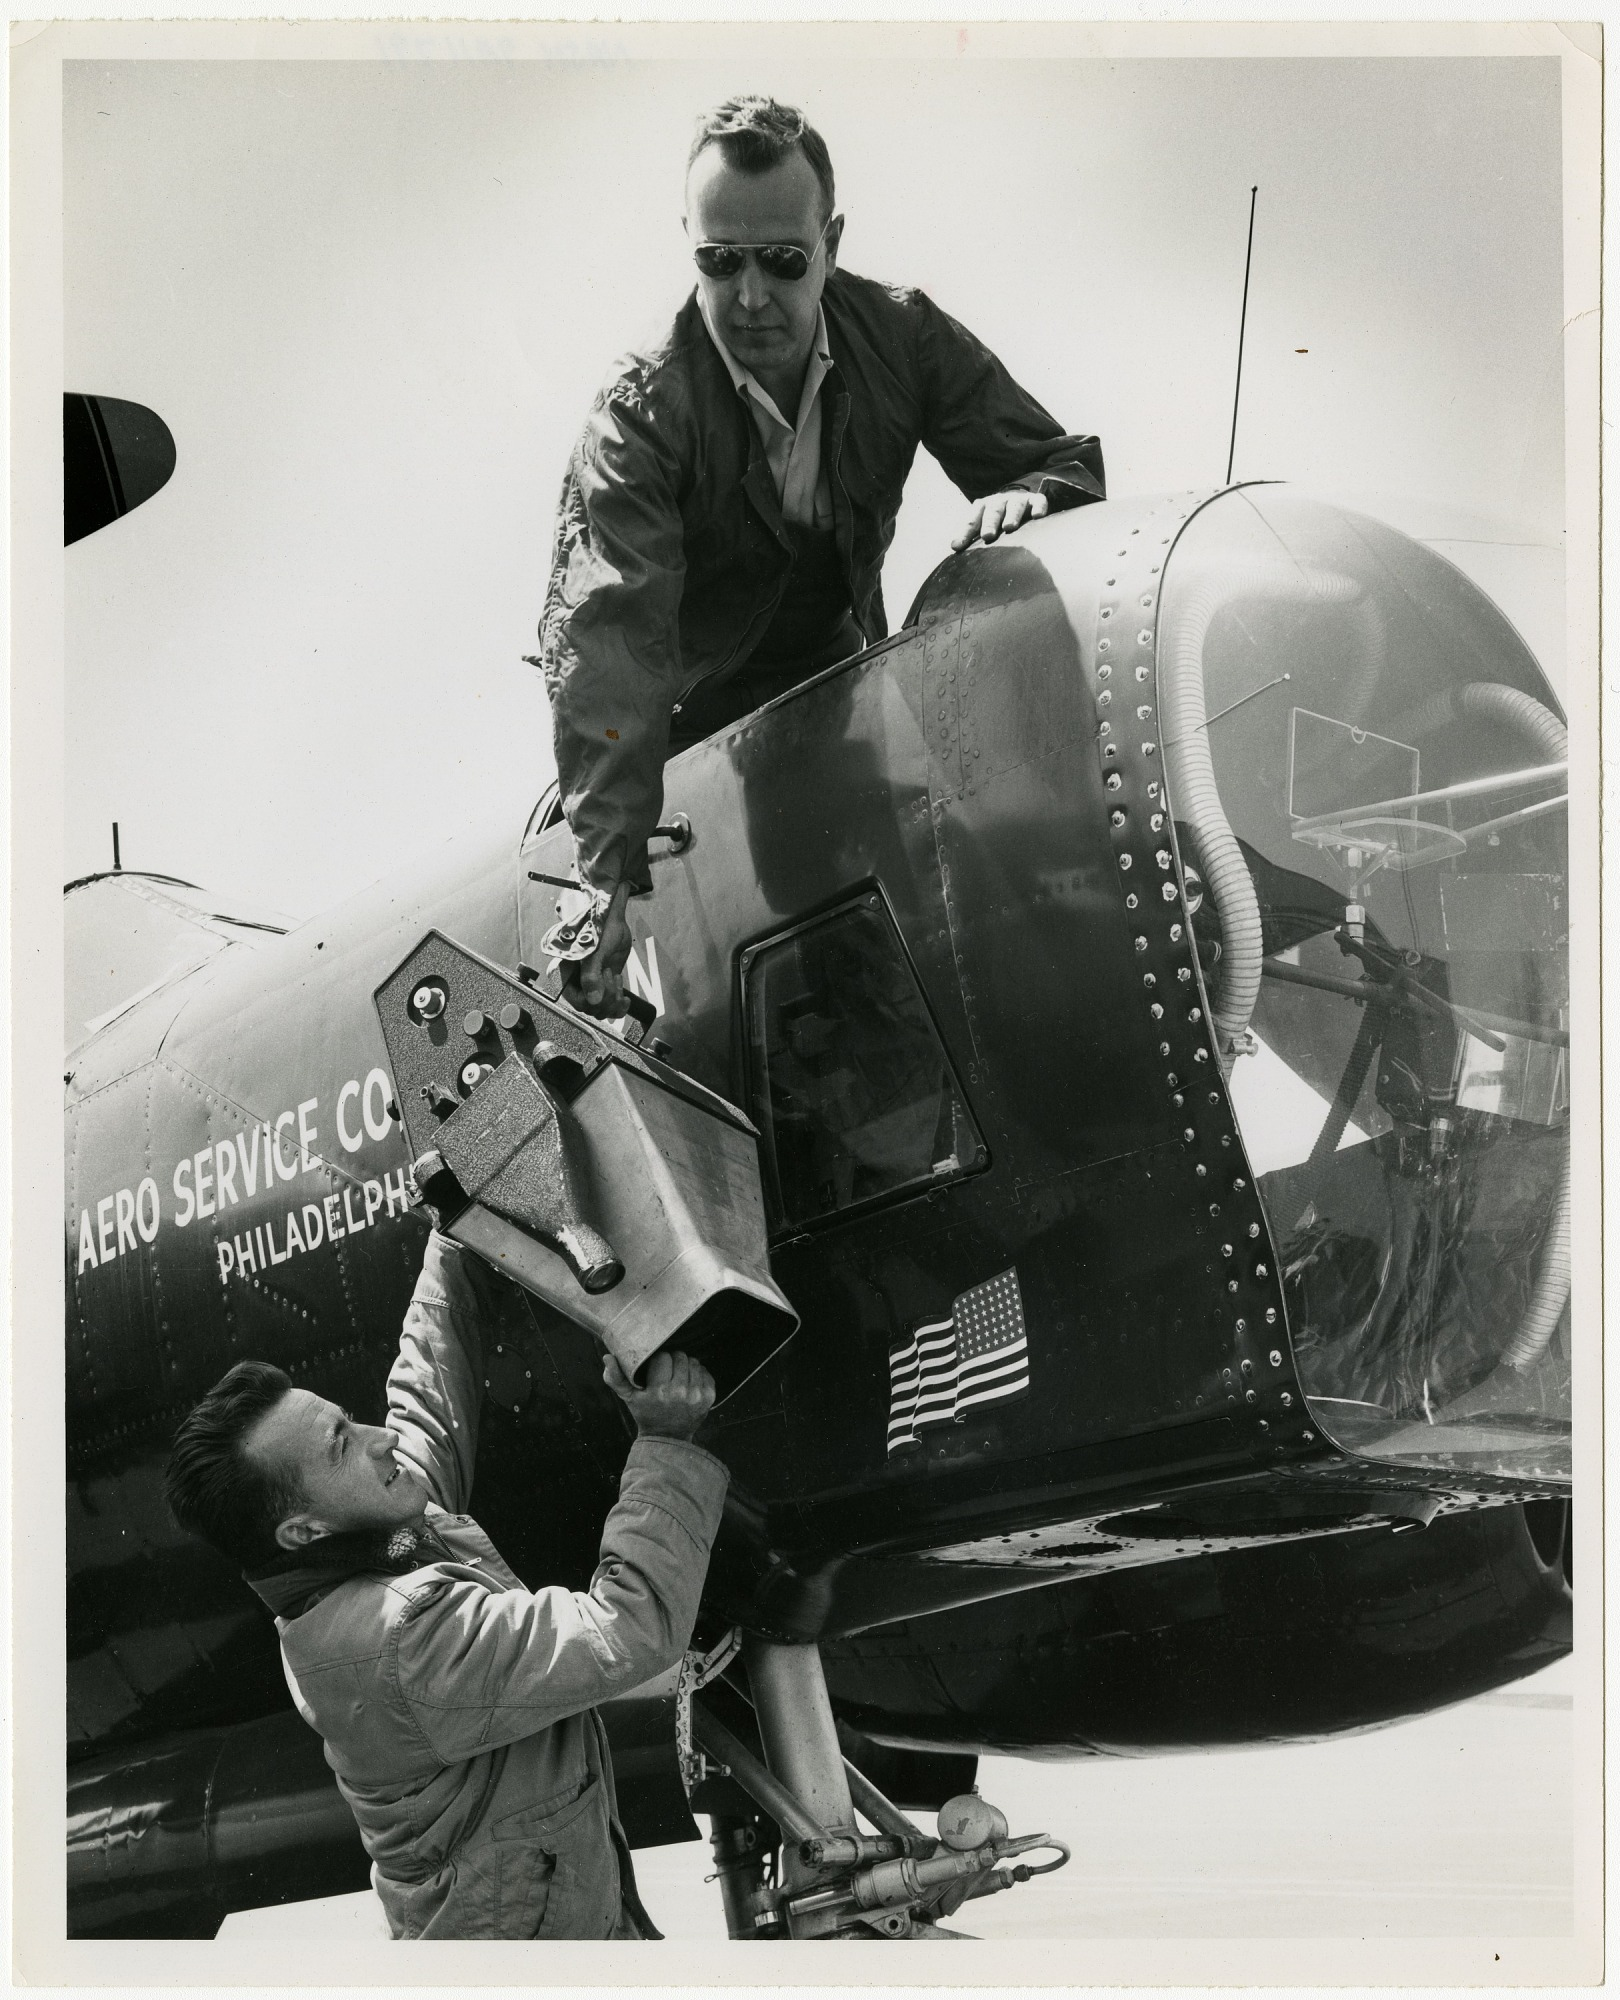 Virgil Kauffman/Aero Service Corporation Collection